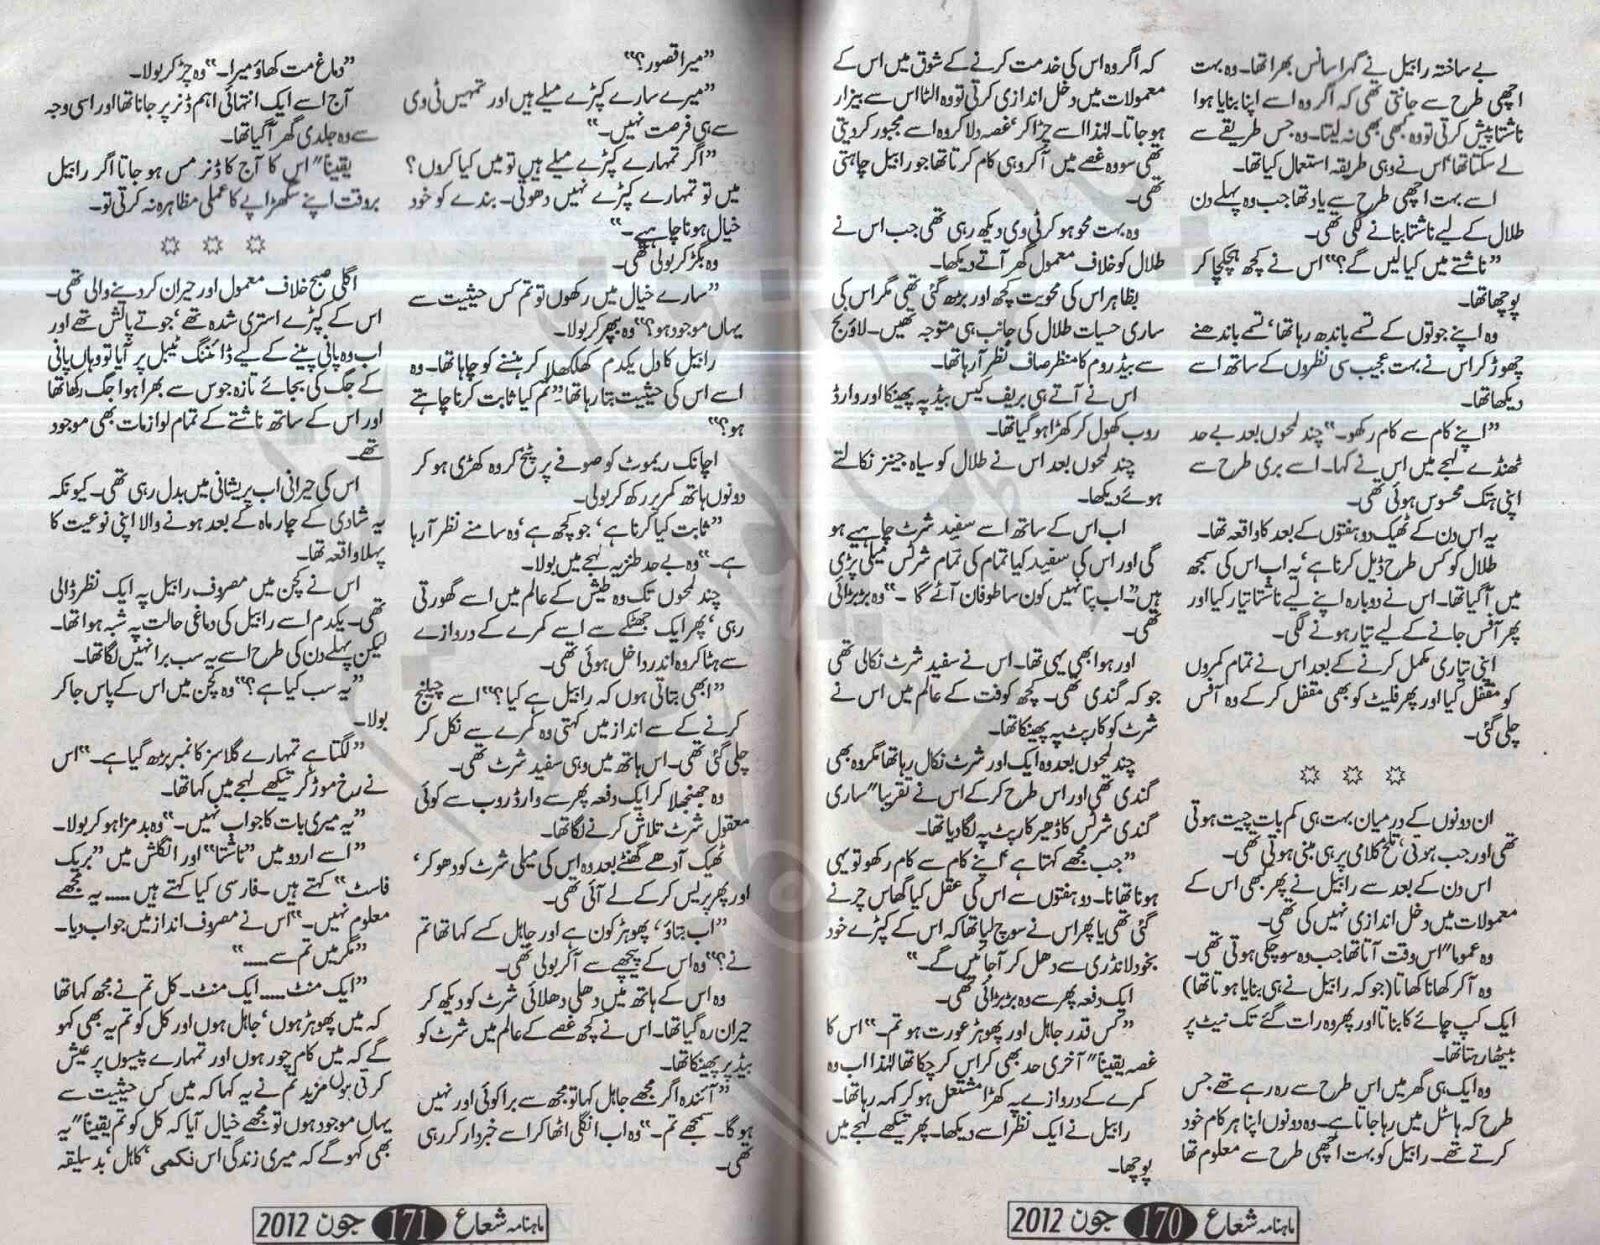 himmat aur zindagi essay Free essays on shehri aur dehati zindagi ka muazana get help with your writing 1 through 30.